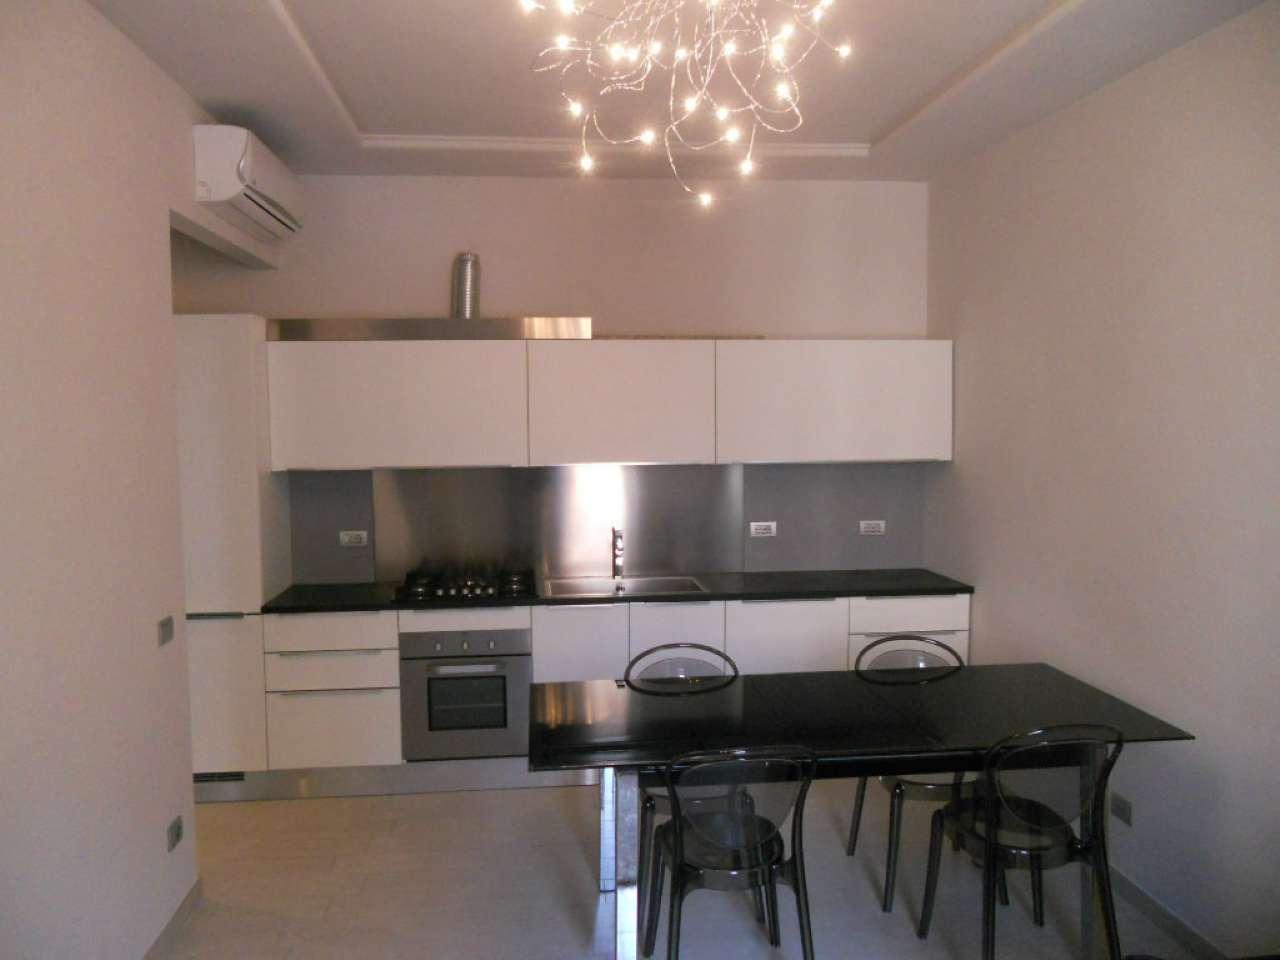 Appartamento in affitto a Verona, 3 locali, zona Zona: 3 . Borgo Trento, prezzo € 1.100 | CambioCasa.it